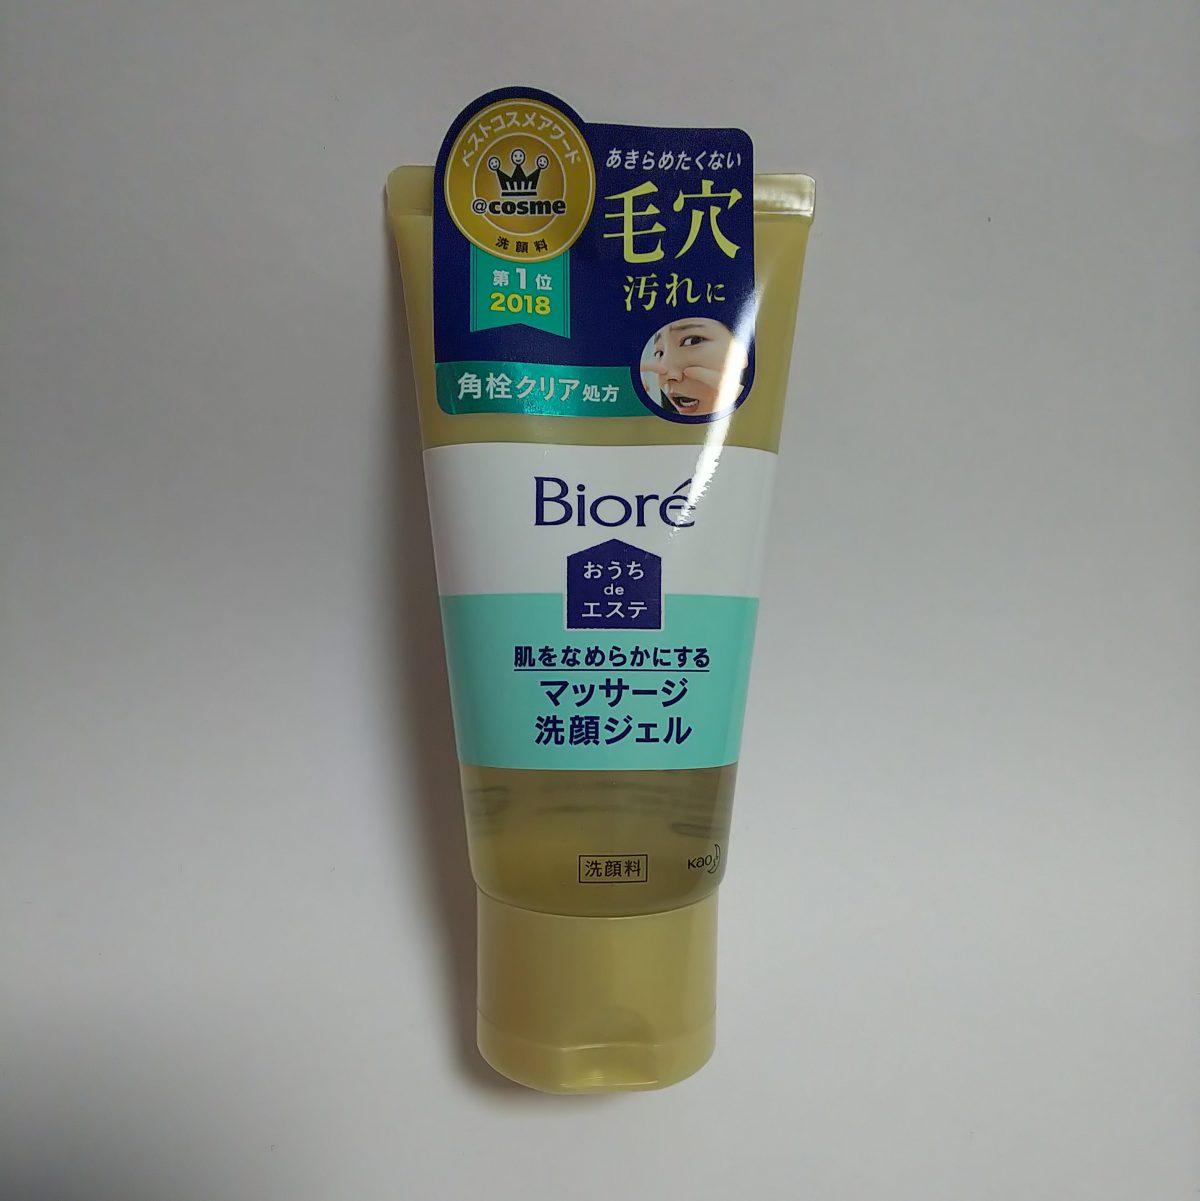 ユニークな洗顔 Bioreおうちdeエステ マッサージ洗顔ジェル